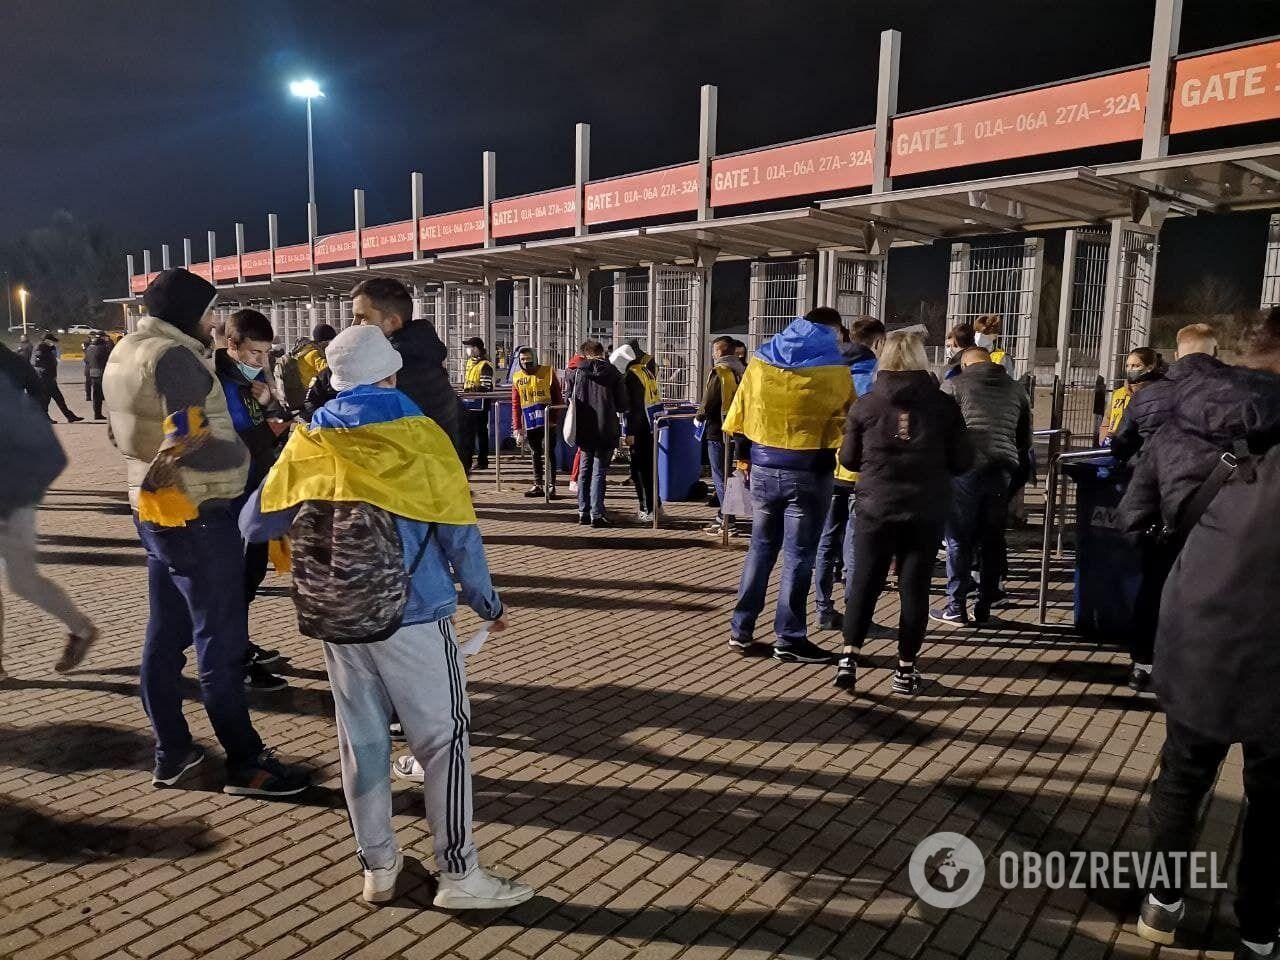 Фанаты сборной Украины перед матчем.